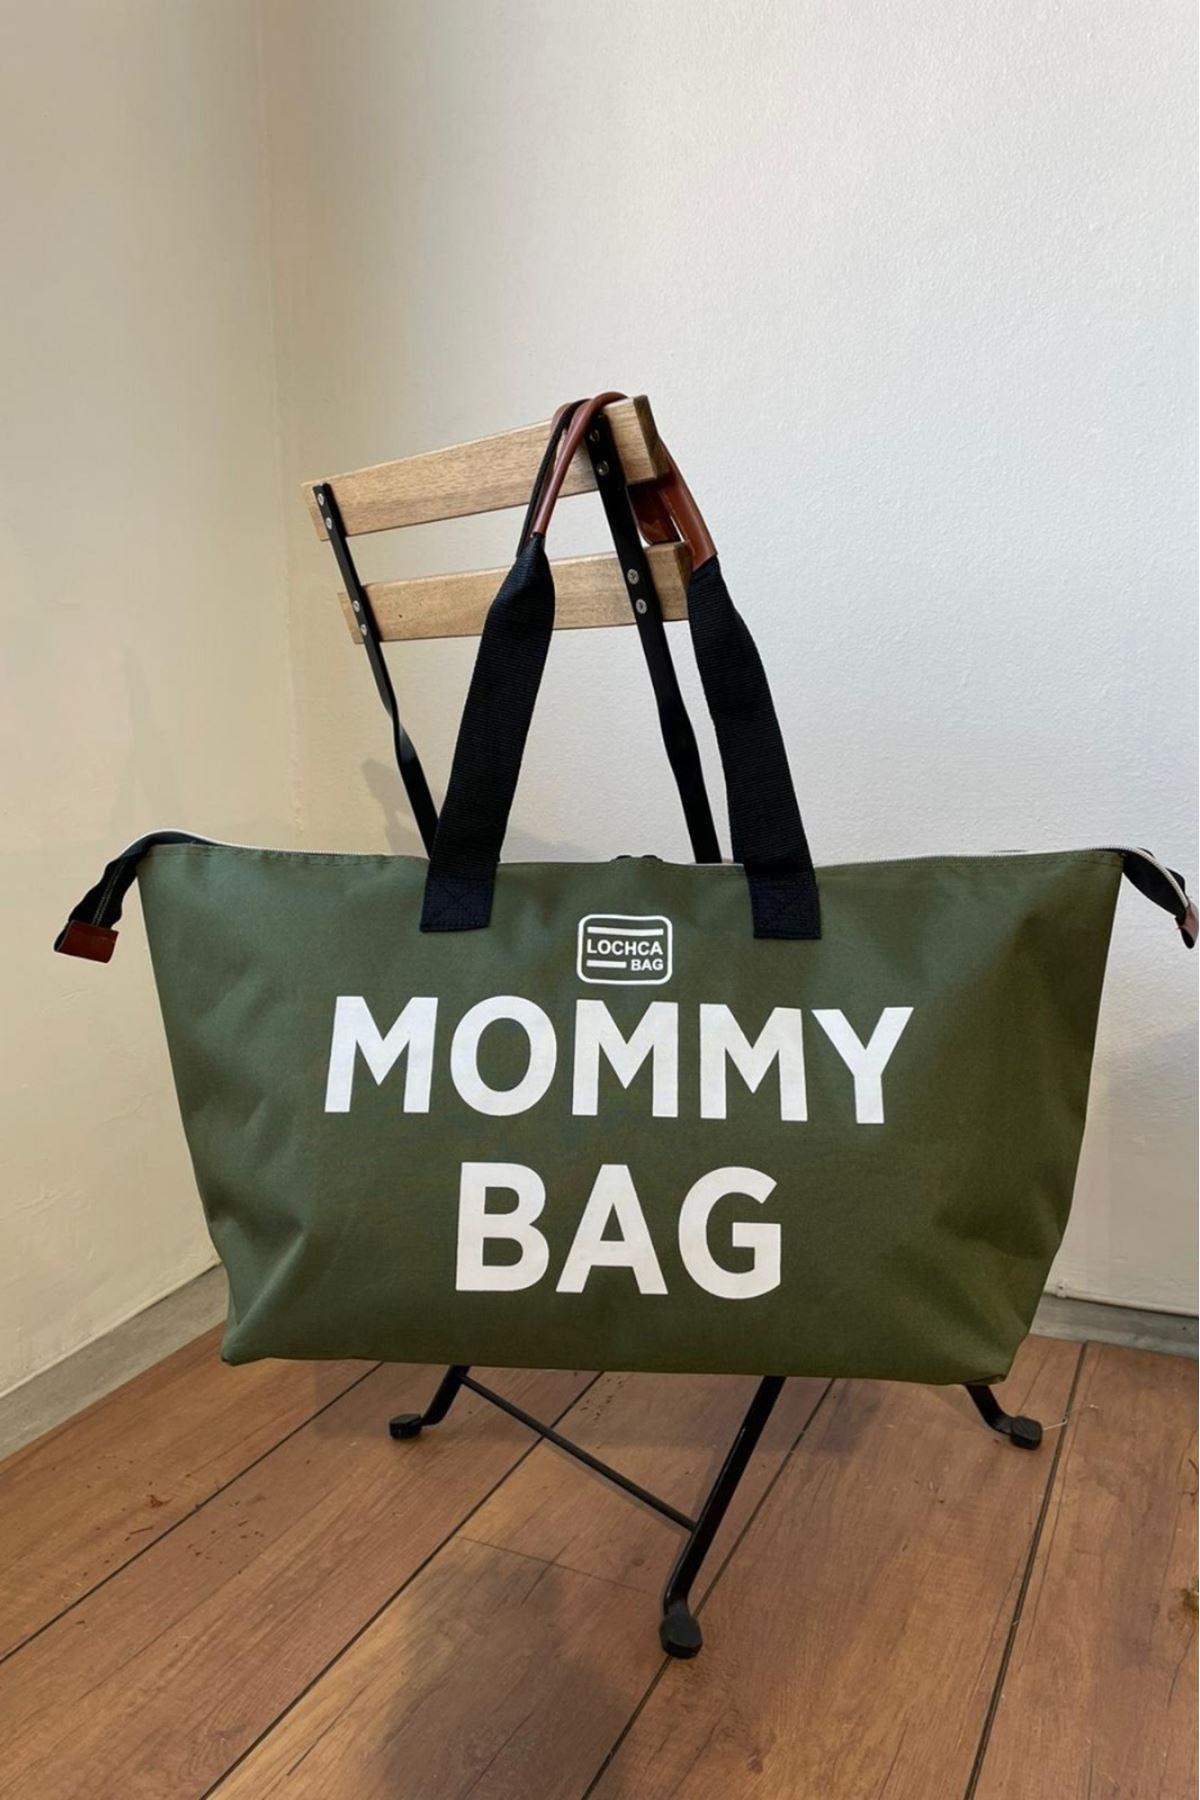 Mommy Haki İmperteks Seyahat Boy Çanta